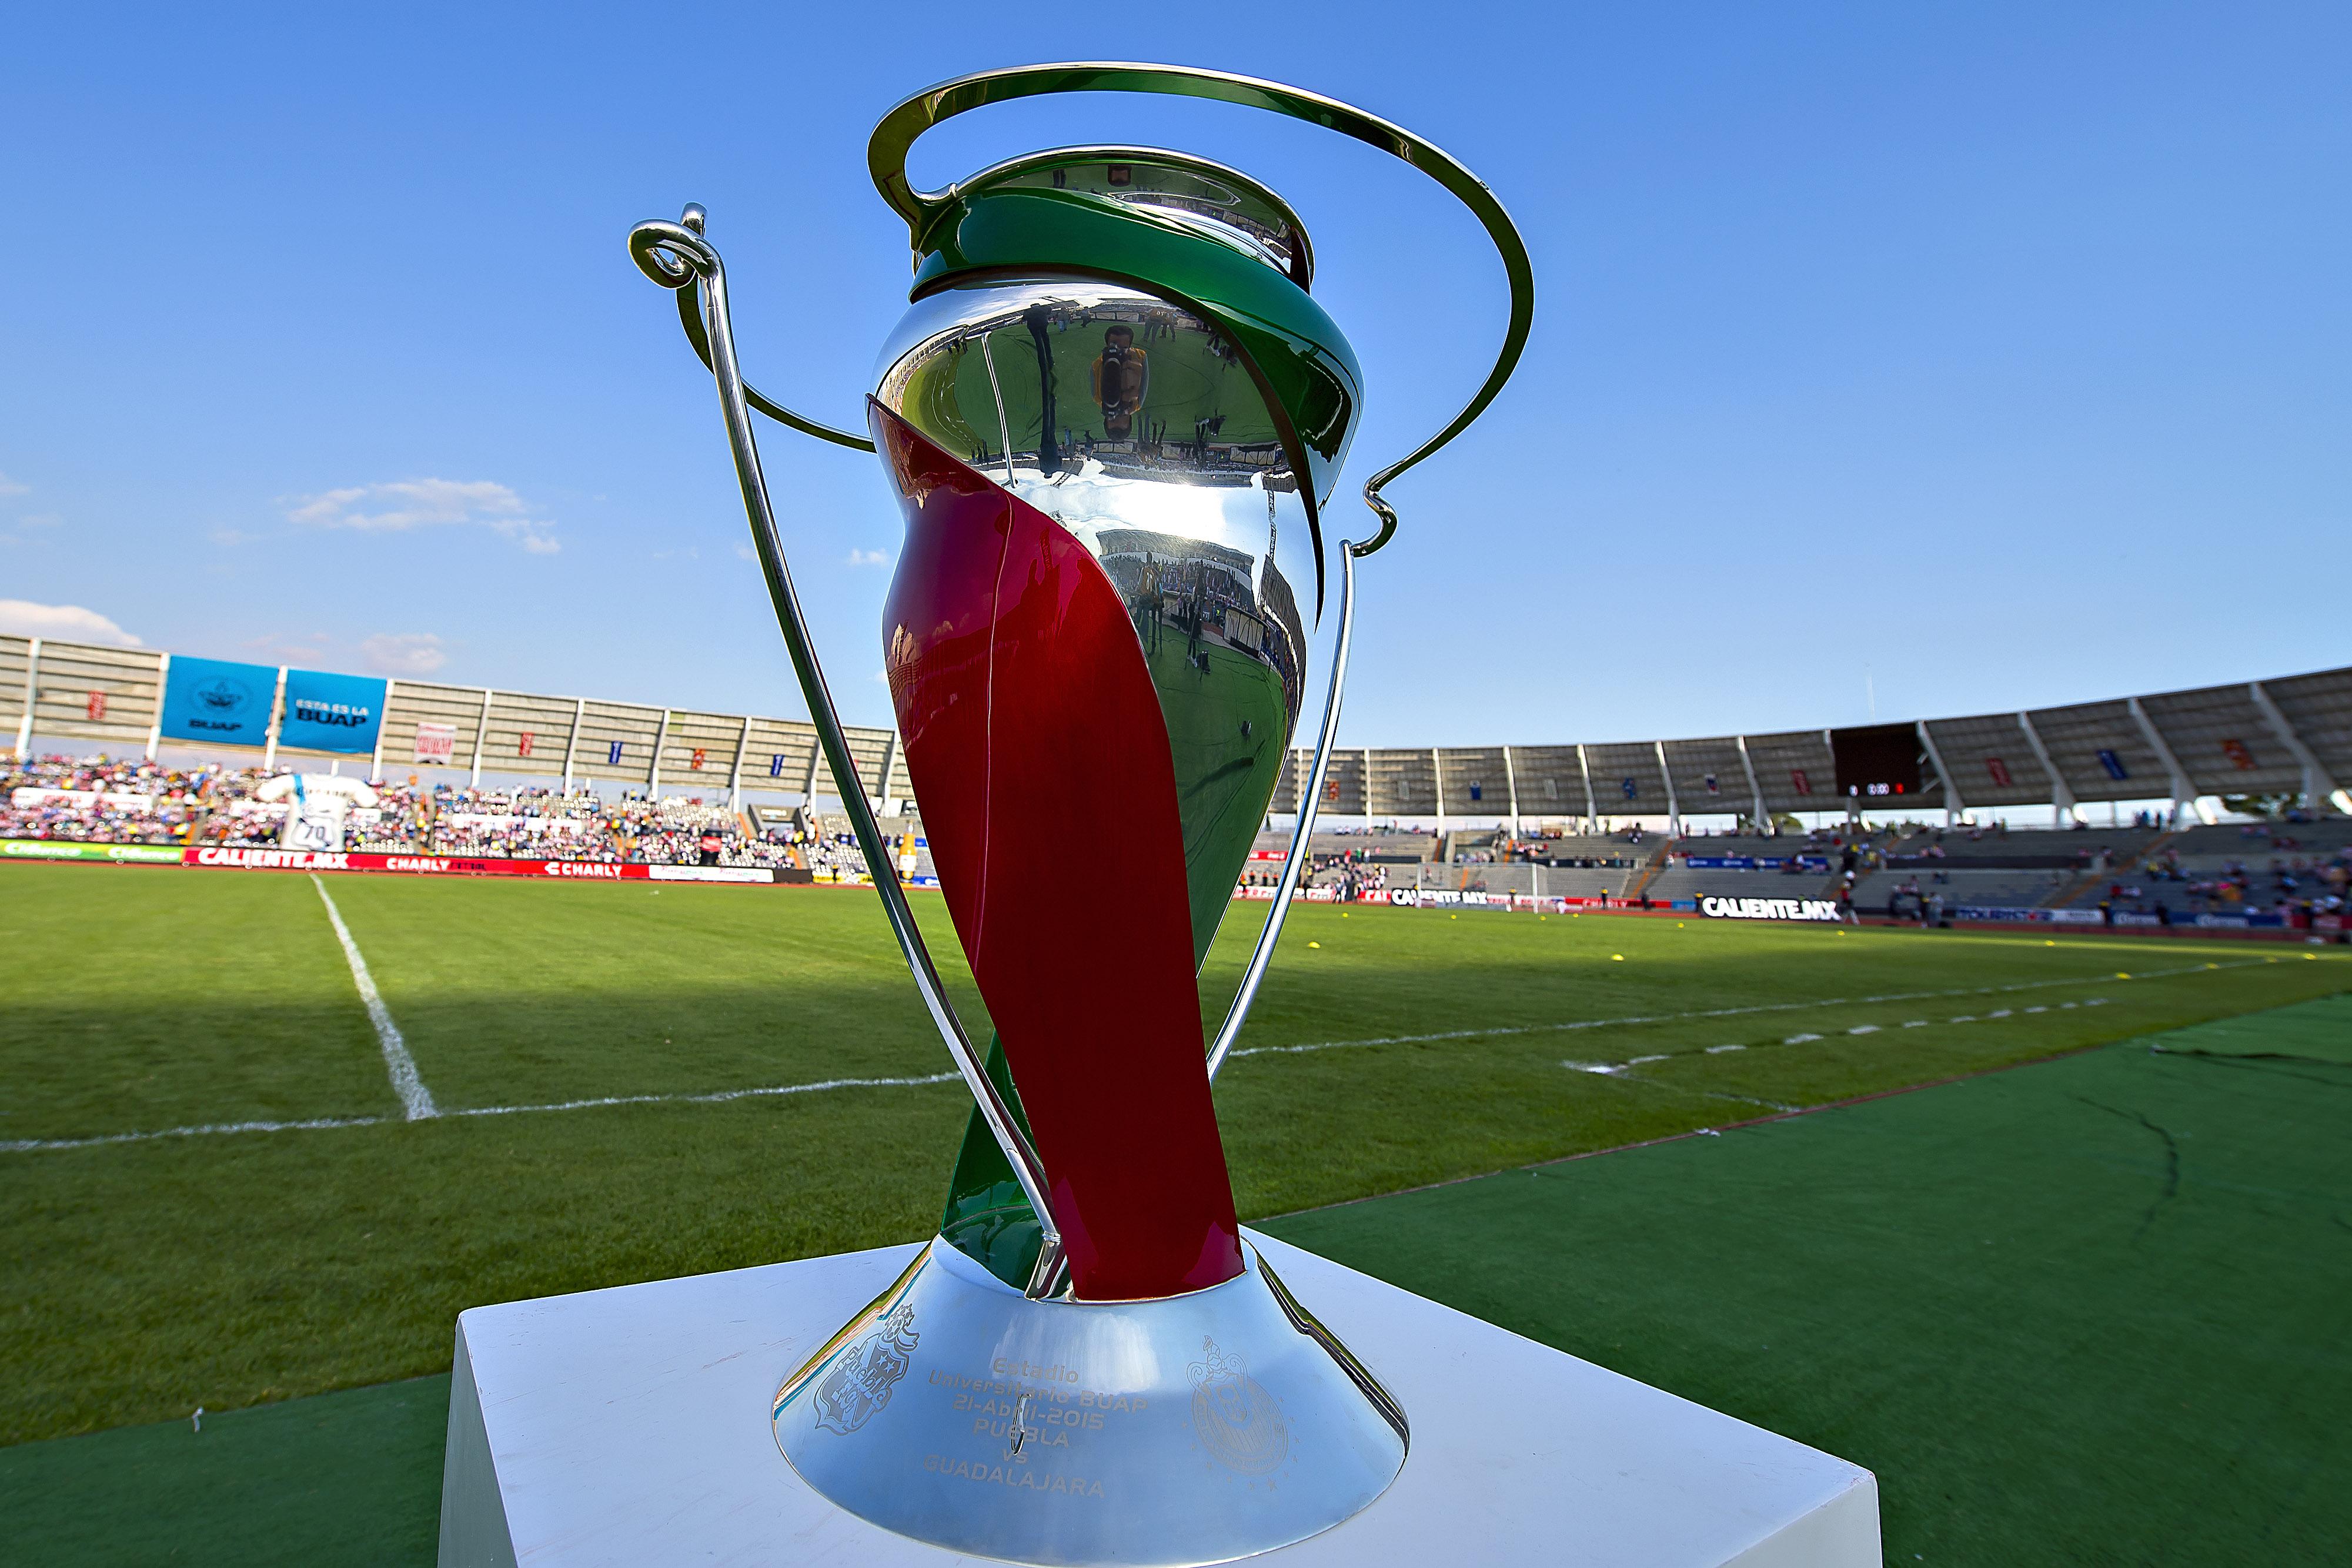 Lo mejor de la Liga Mexicana Copa MX en Telemundo Deportes Partidos Resultados Goles Calendario Posiciones Estadísticas Entrevistas Jugadores Videos y más